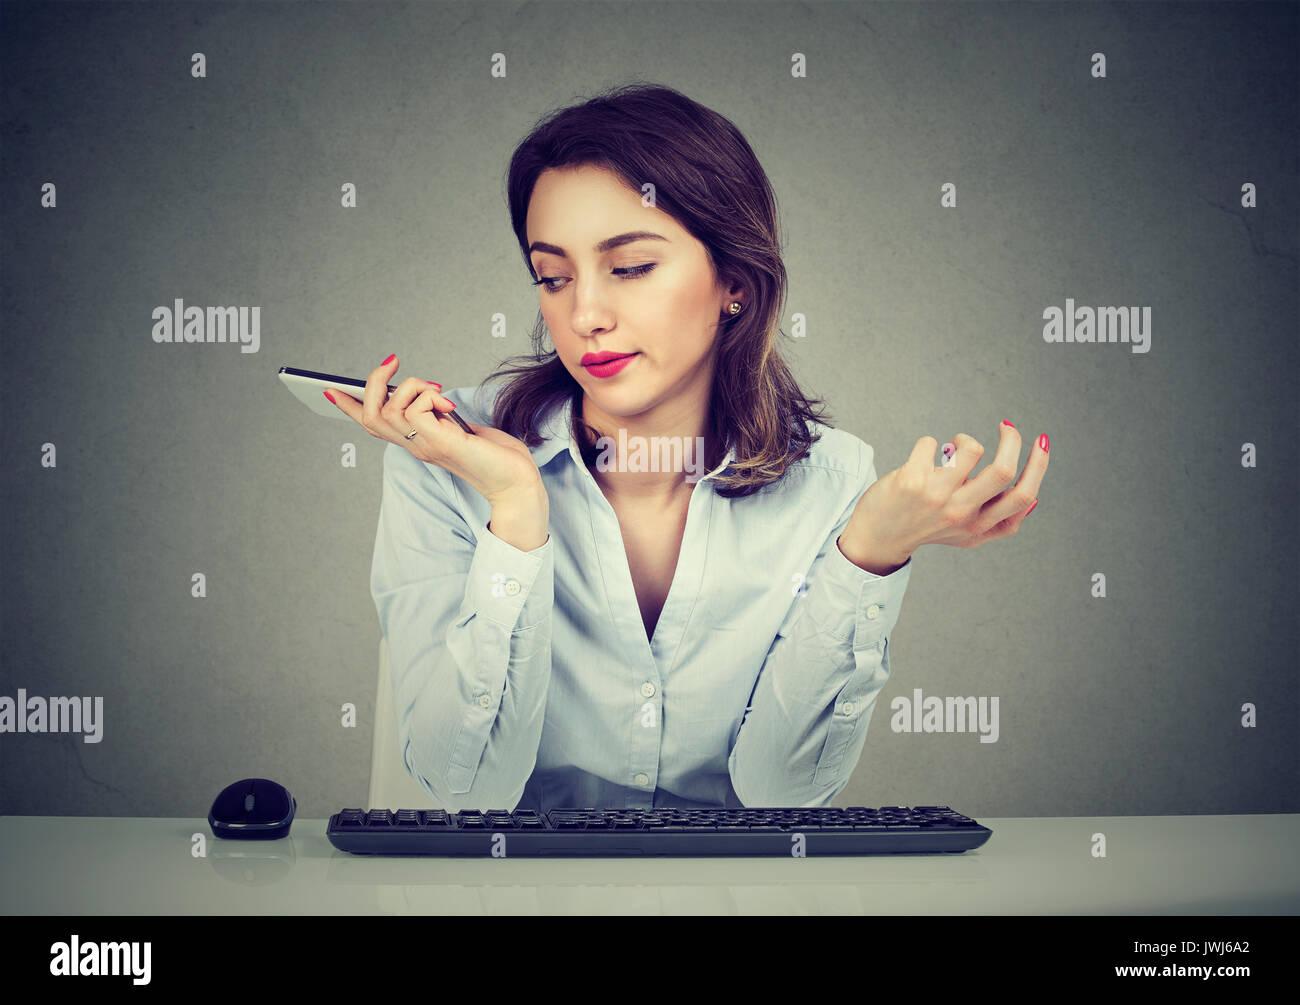 Jeune femme ennuyé avec téléphone portable. Conversations horrible concept. L'émotion face à la réaction de l'expression Photo Stock